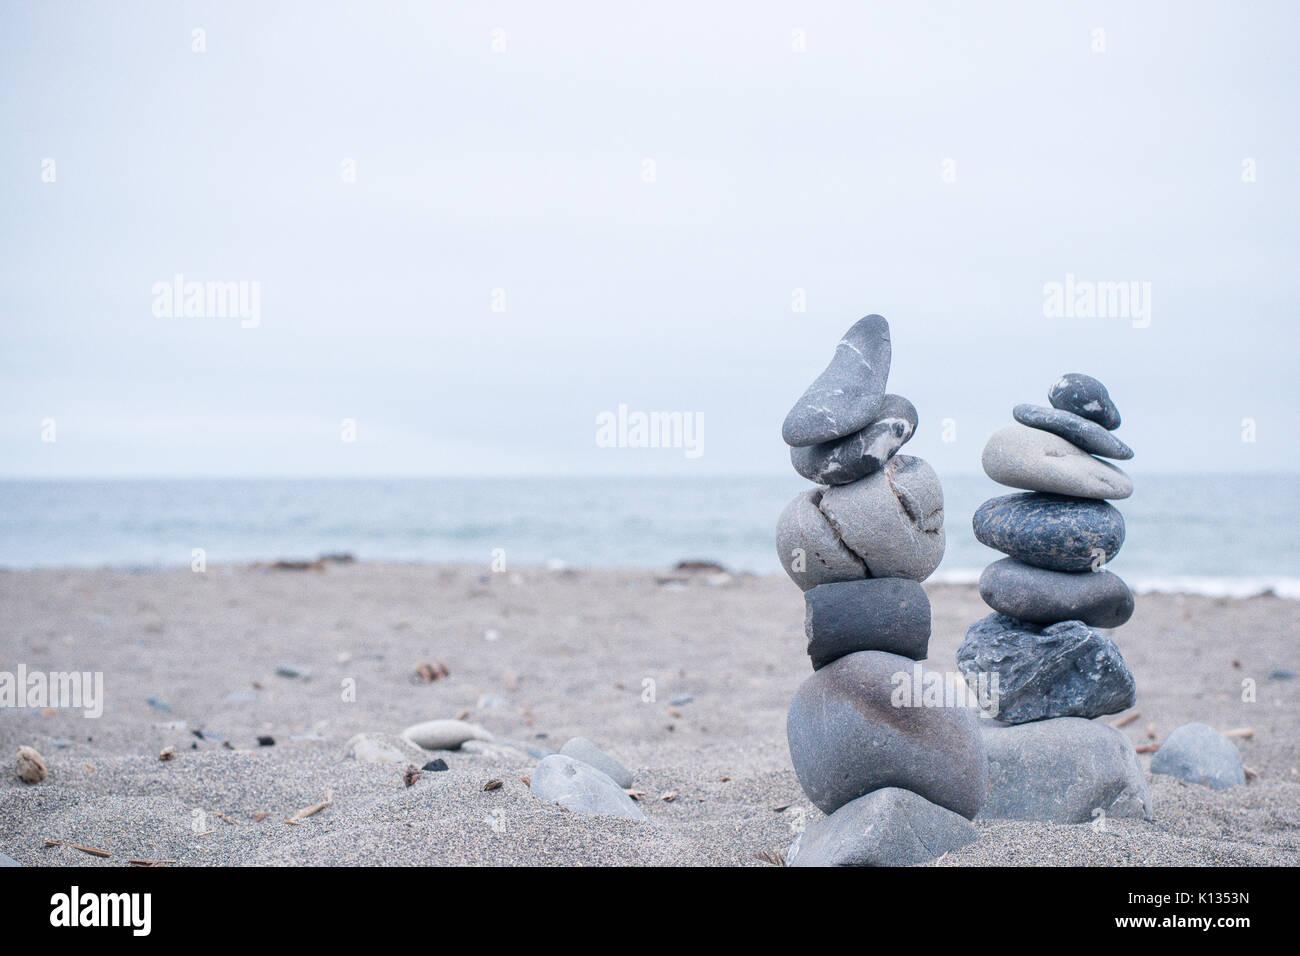 Sereine, monochrome bleu, roches empilées sur une plage de Californie symbolisant la paix, l'équilibre, la méditation, et la pleine conscience Photo Stock